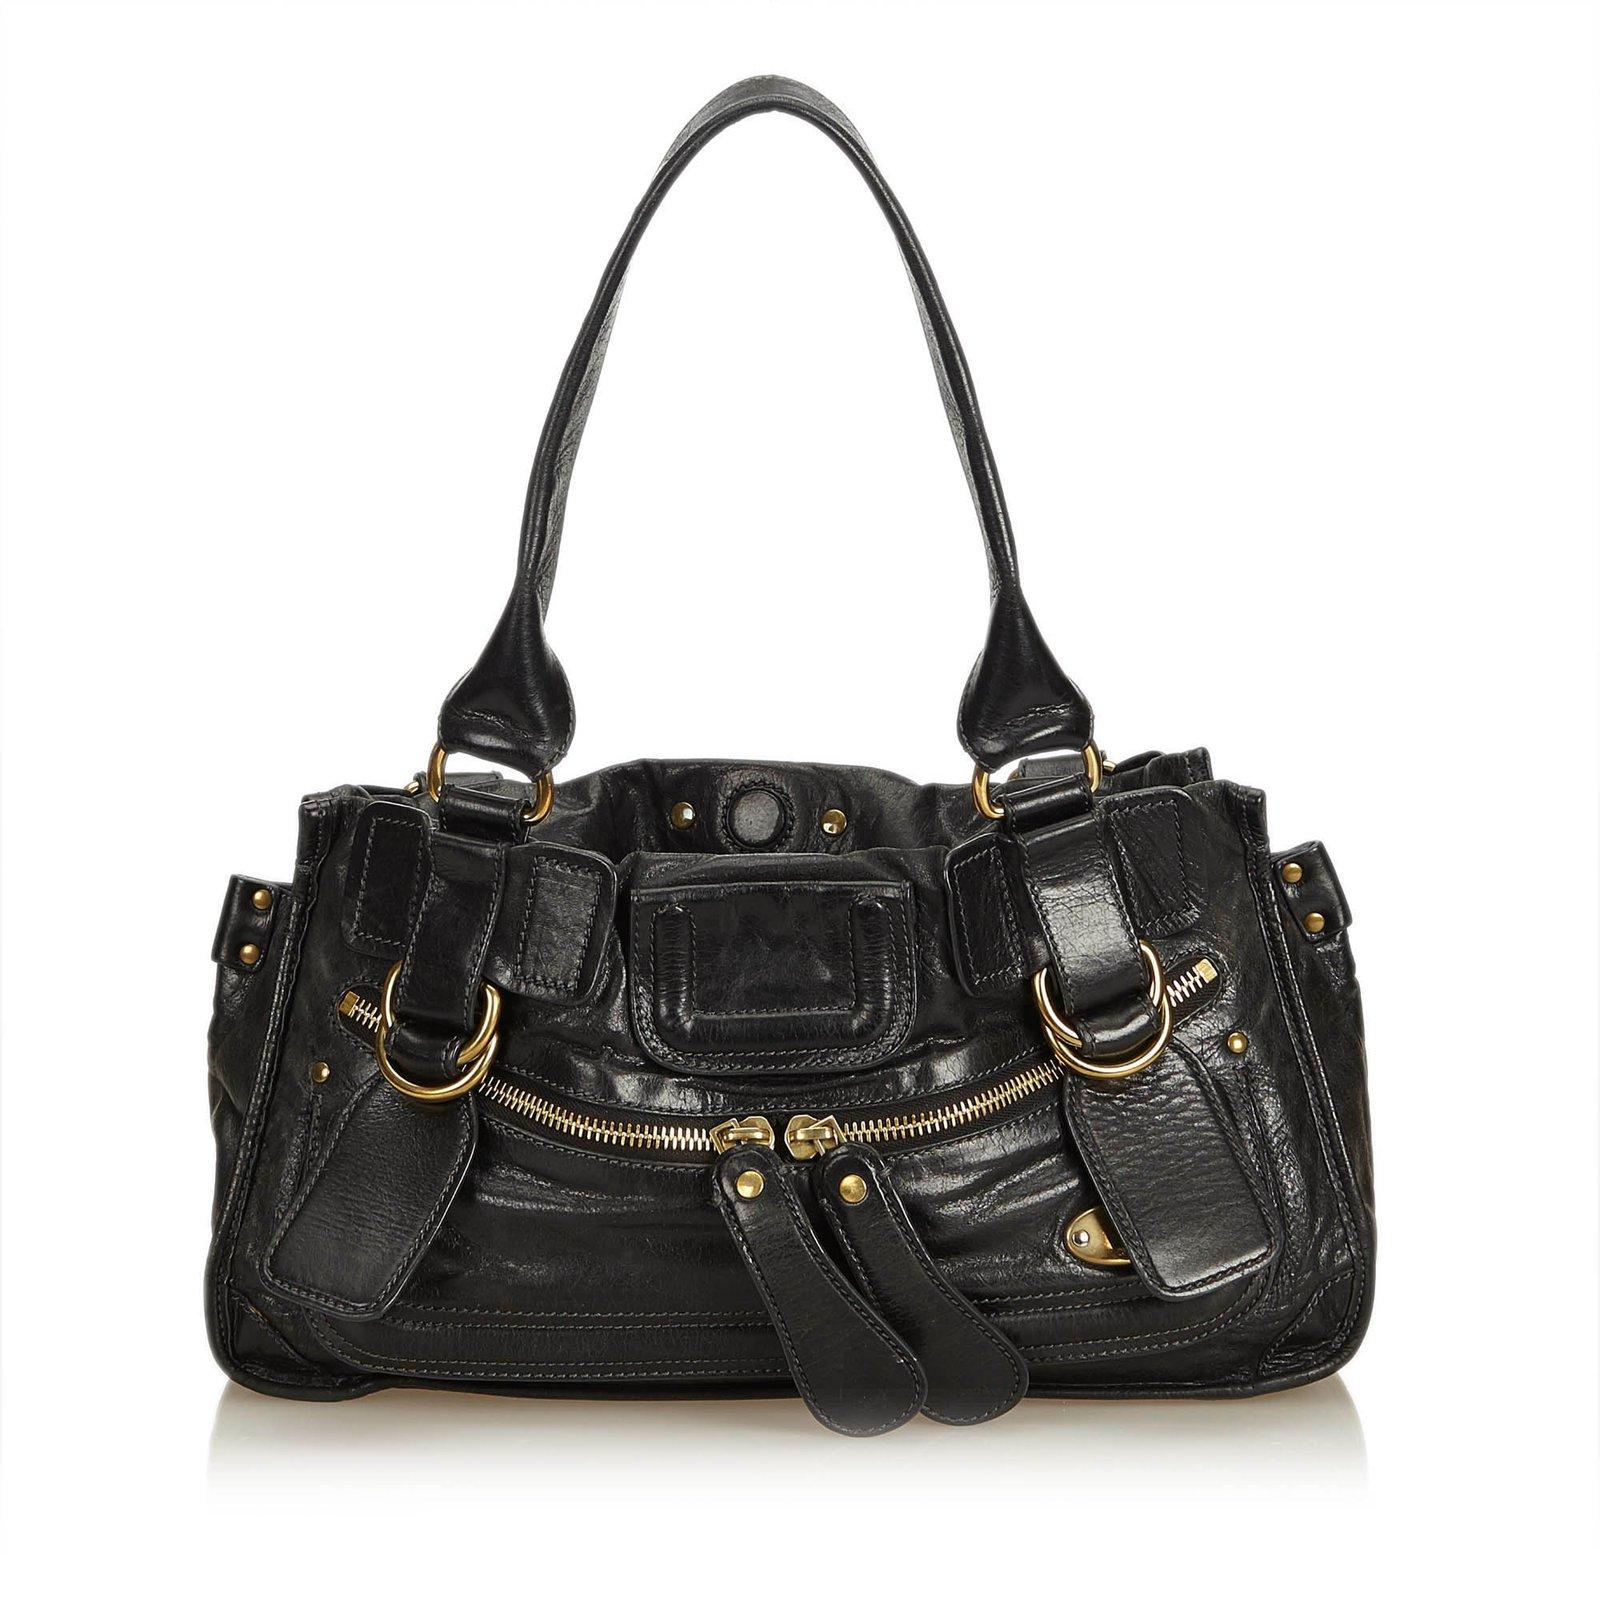 Chloé Leather Bay Shoulder Bag Handbags Other Black Ref 87153